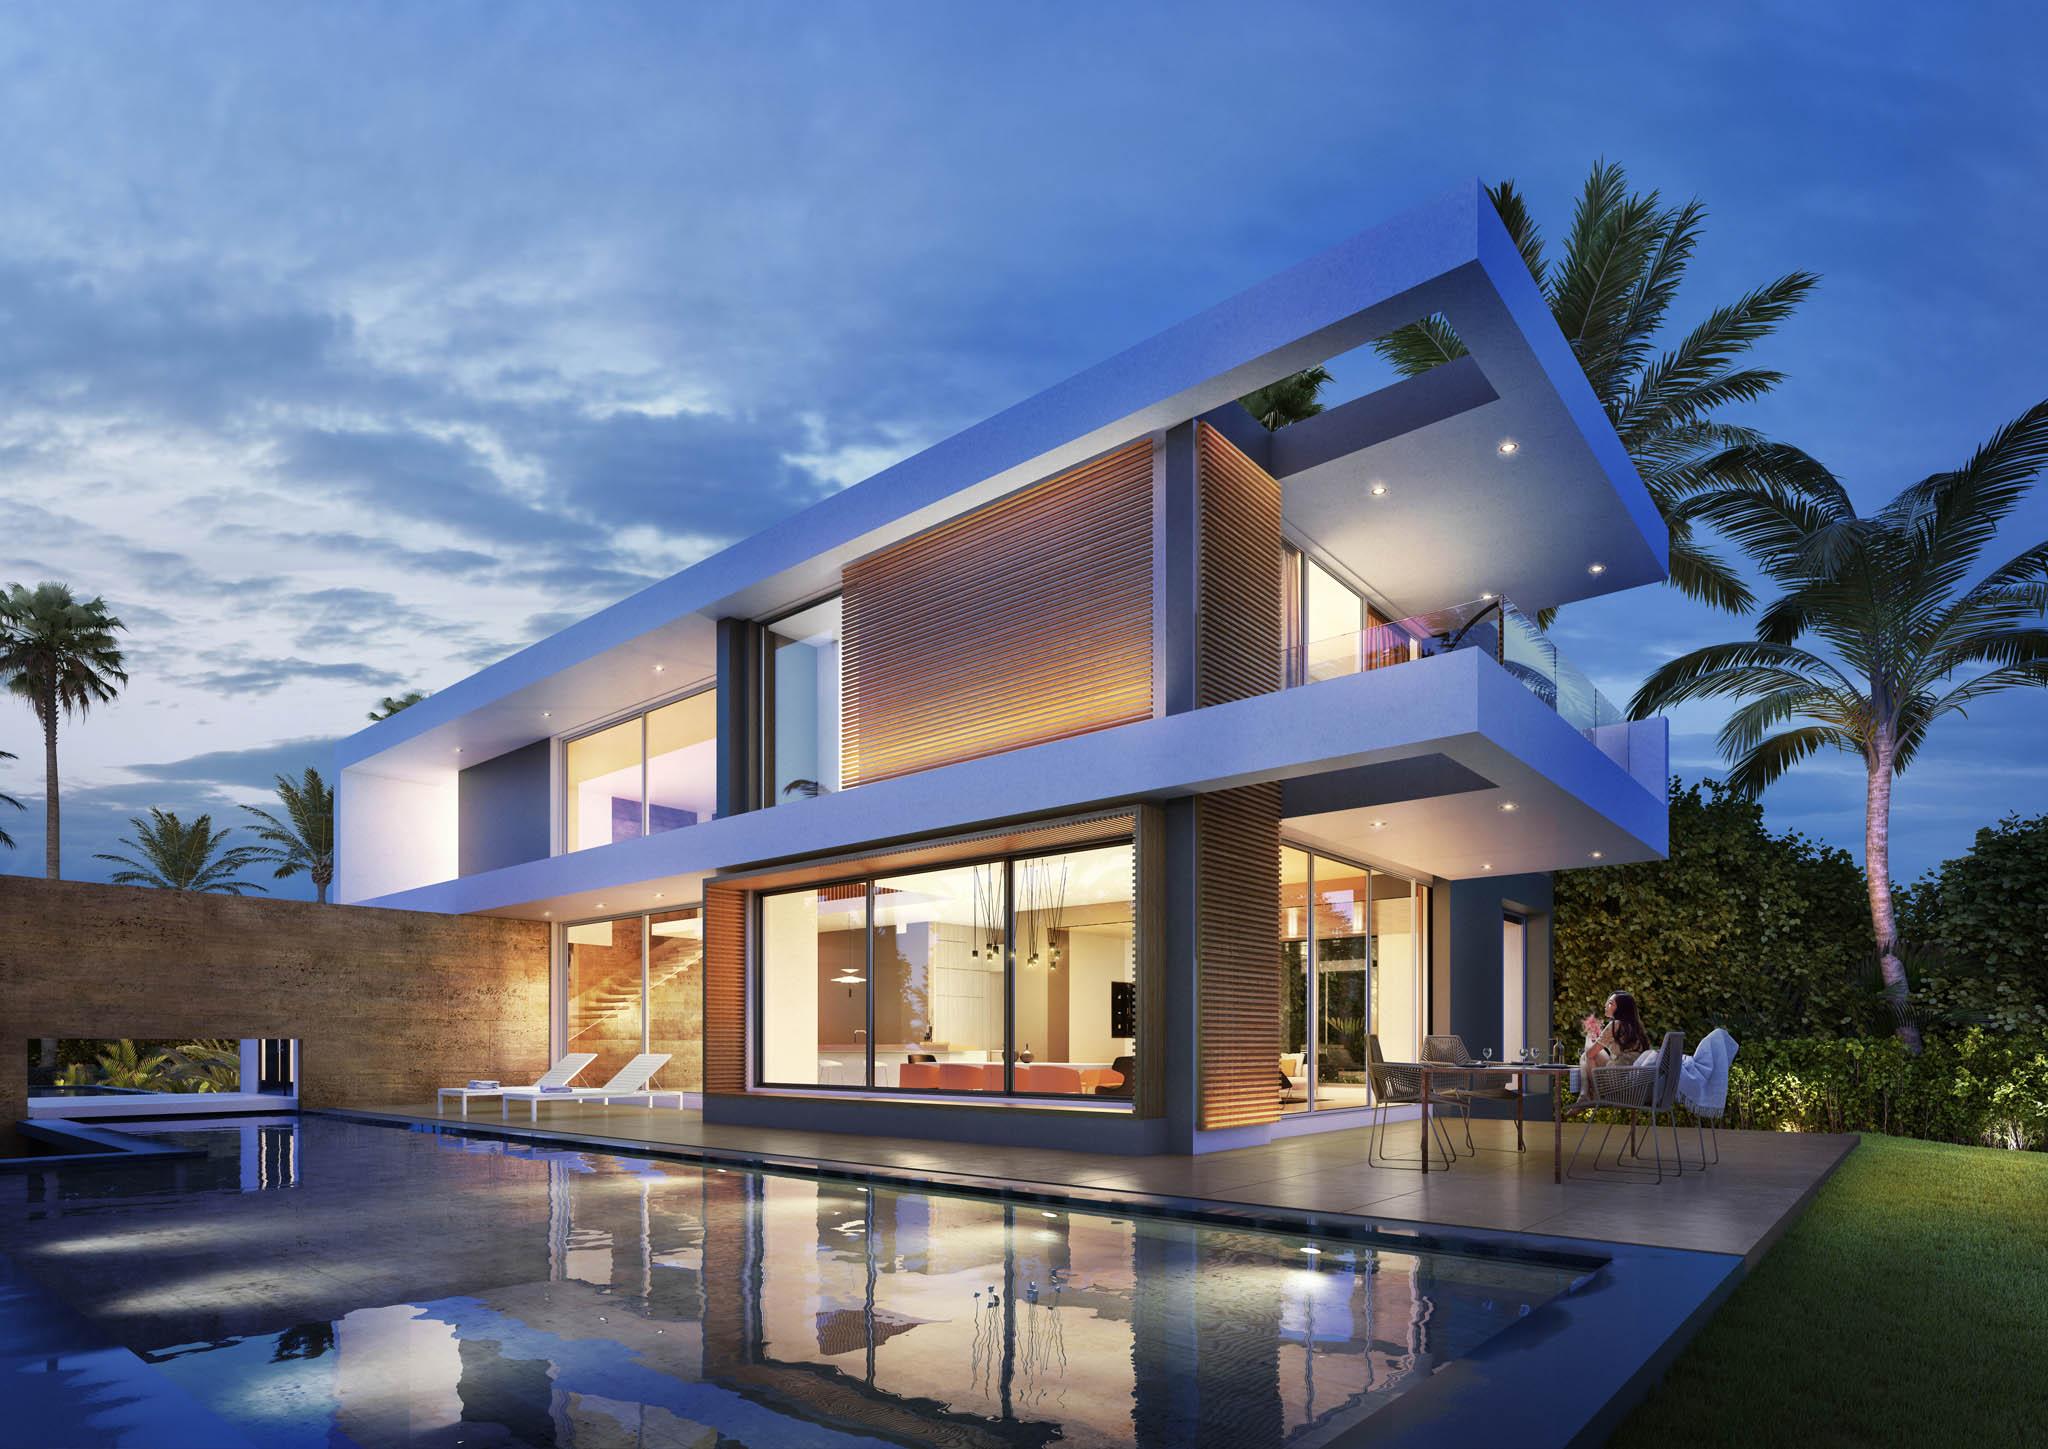 3d pour l immobilier de luxe toutela3d com for Immobilier appartement